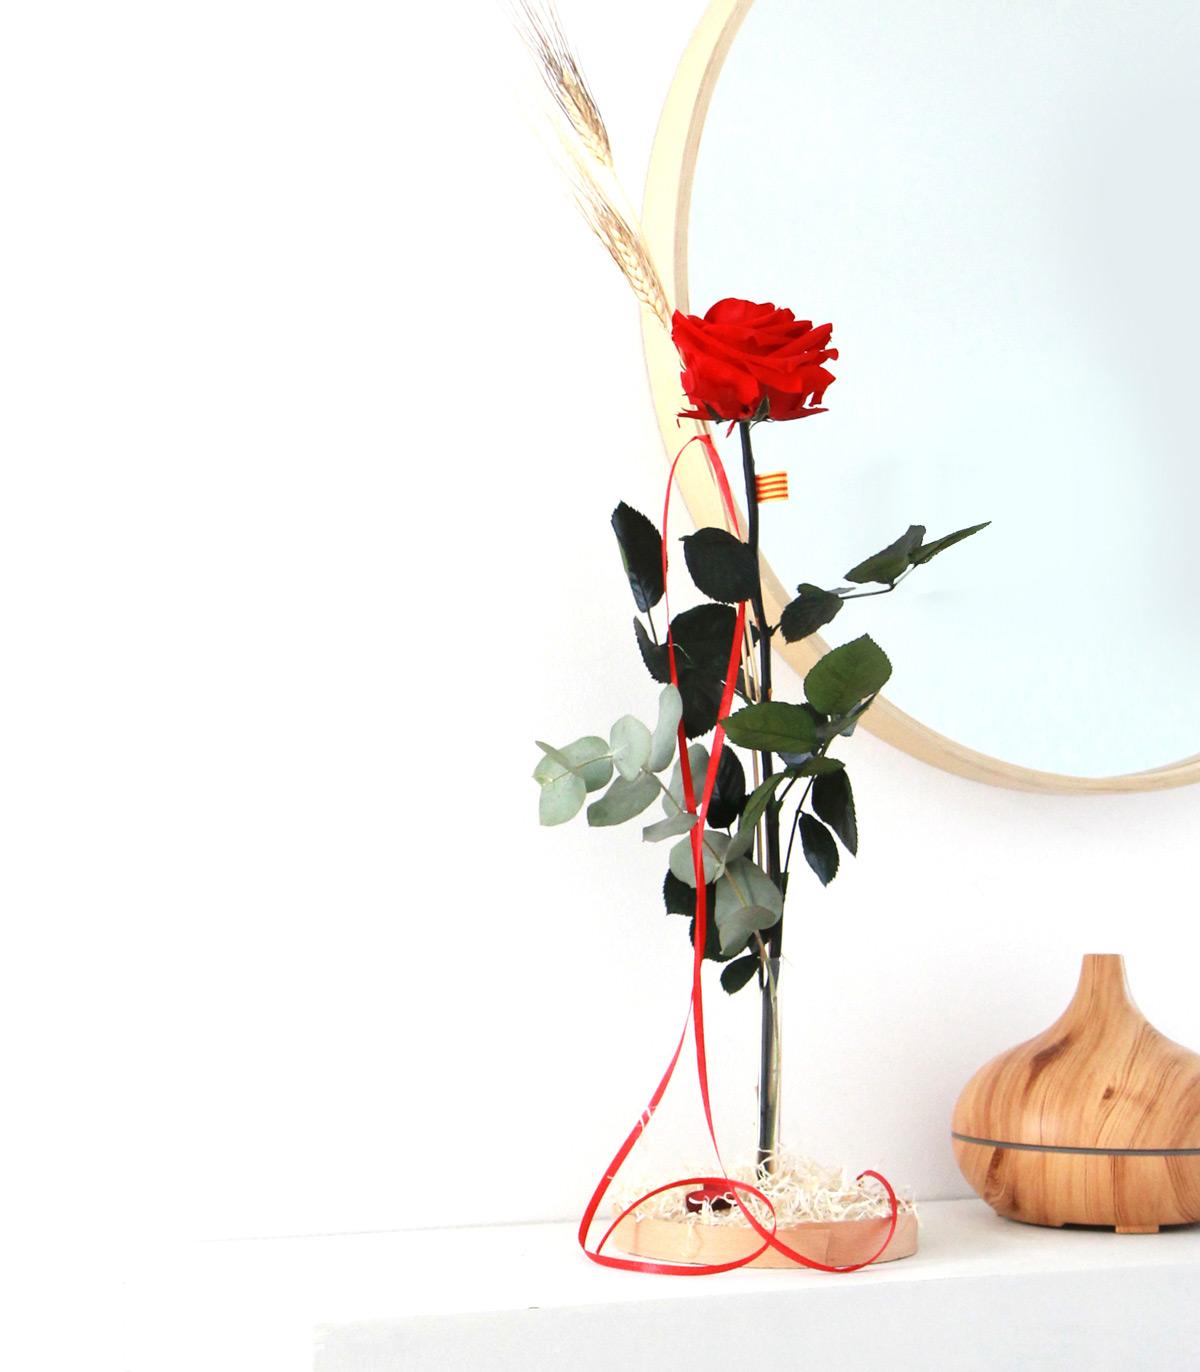 Rosa Liofilizada de Sant Jordi